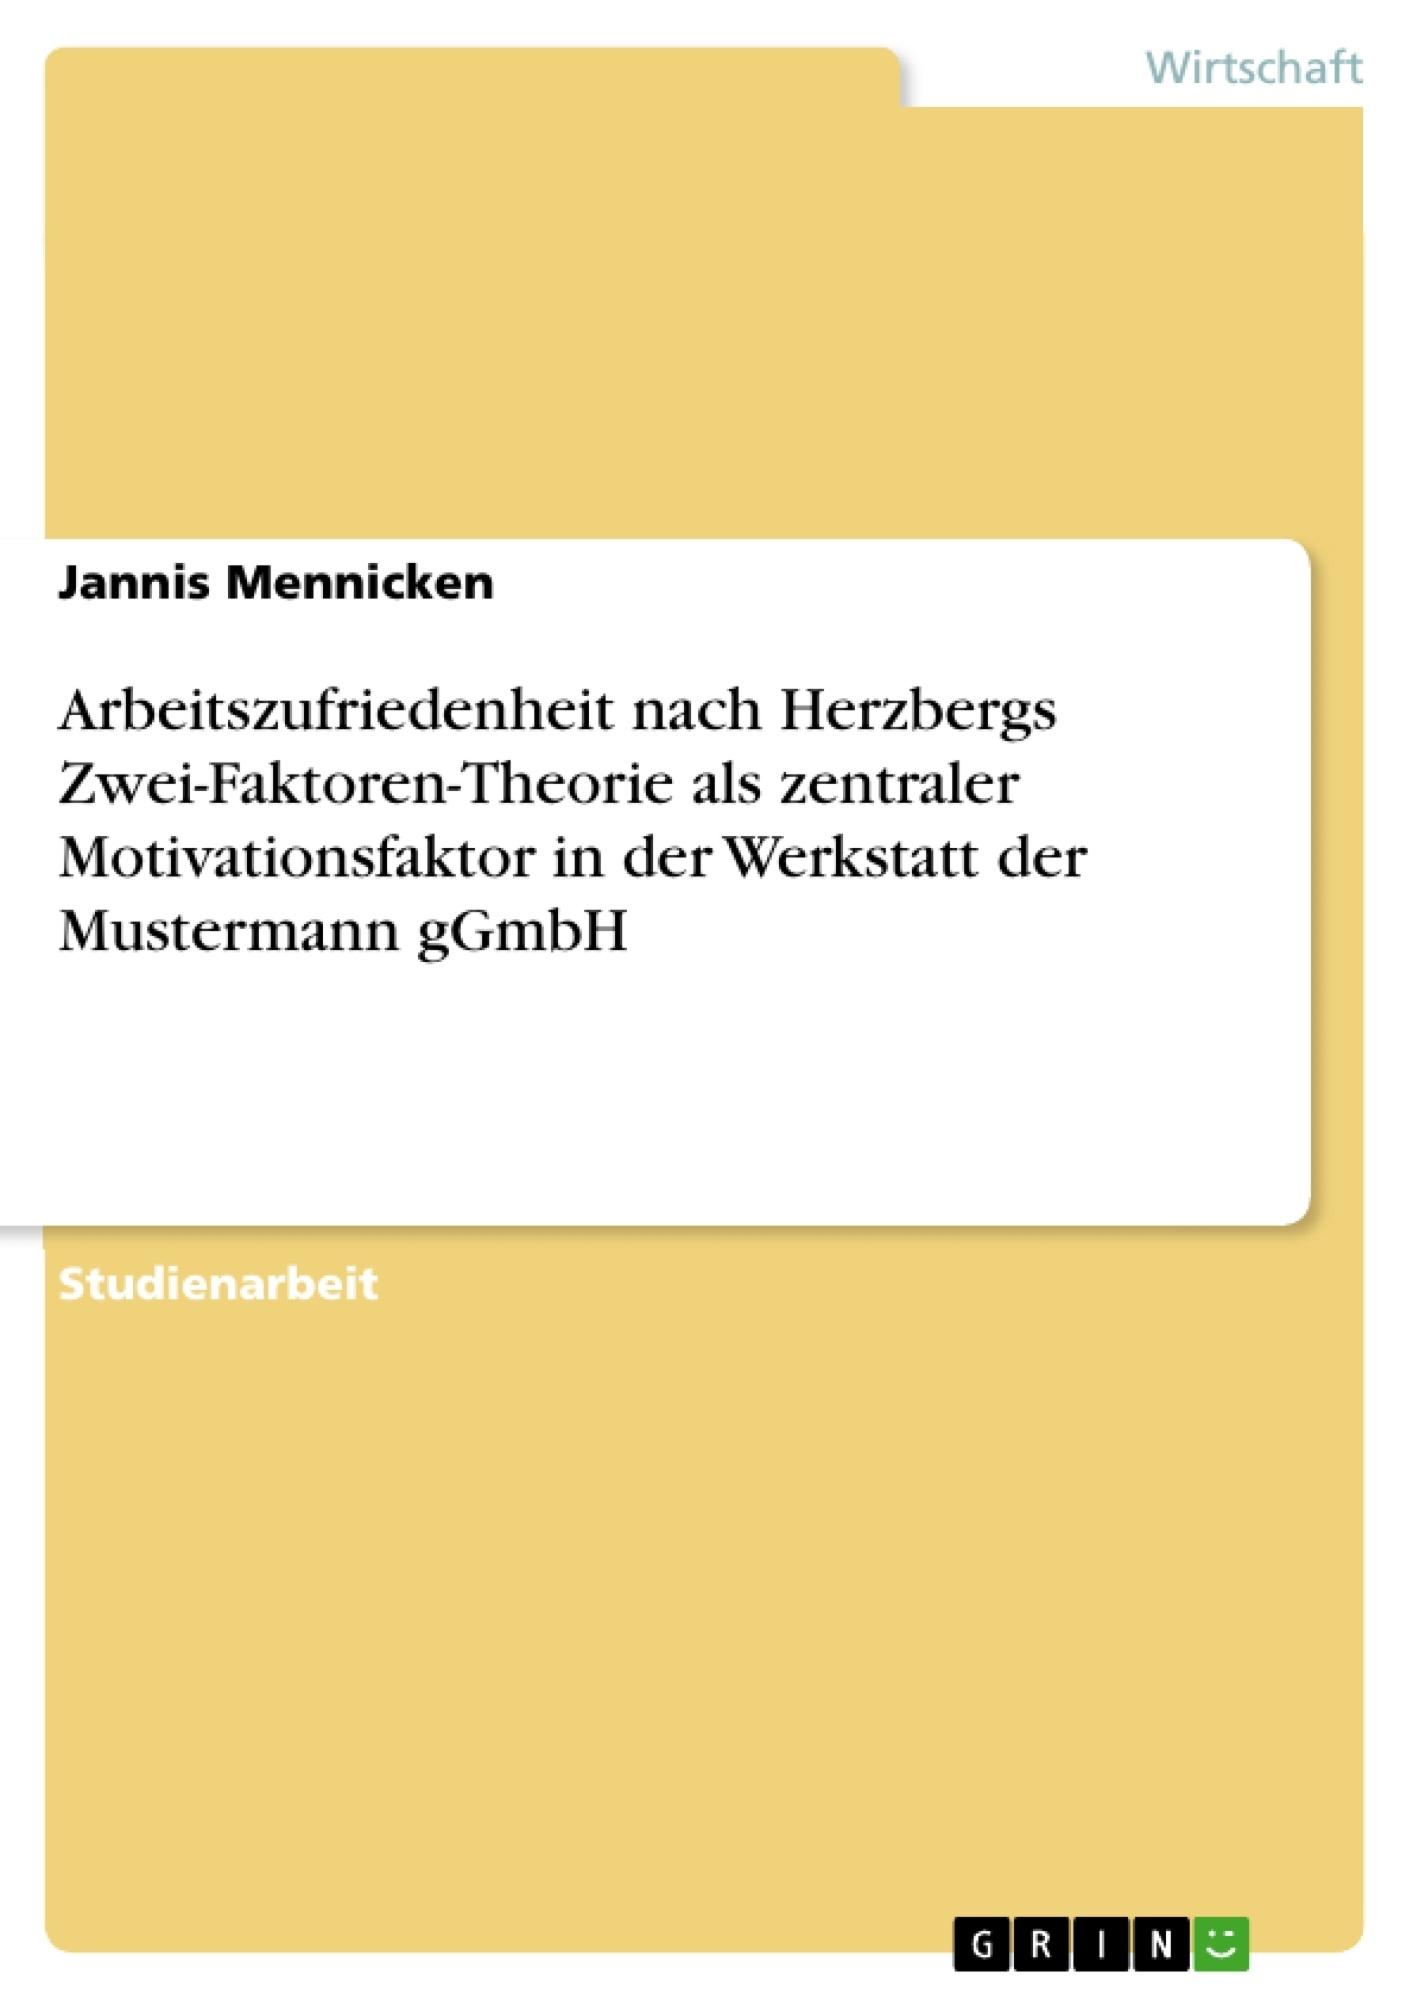 Titel: Arbeitszufriedenheit nach Herzbergs Zwei-Faktoren-Theorie als zentraler Motivationsfaktor in der Werkstatt der Mustermann gGmbH